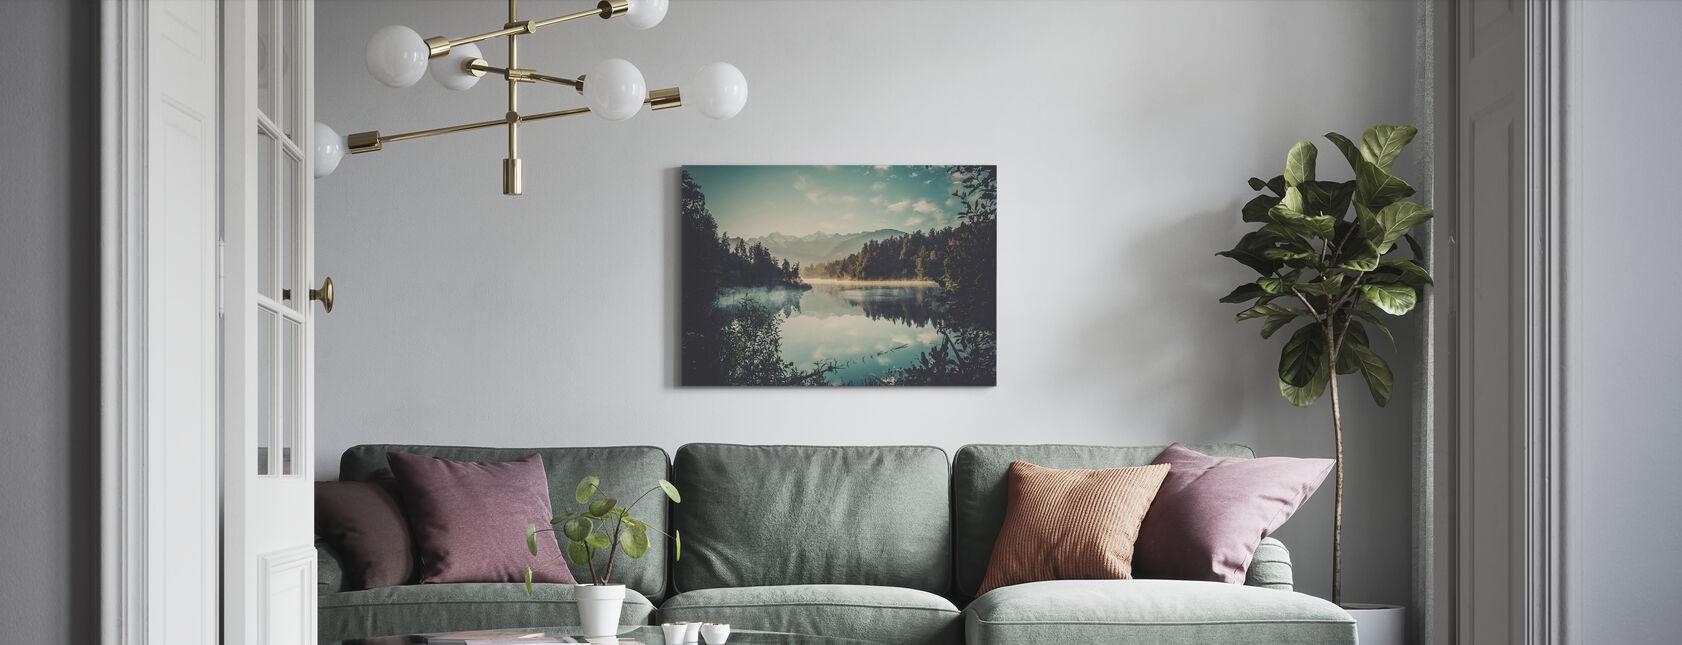 Reis Herinneringen - Canvas print - Woonkamer